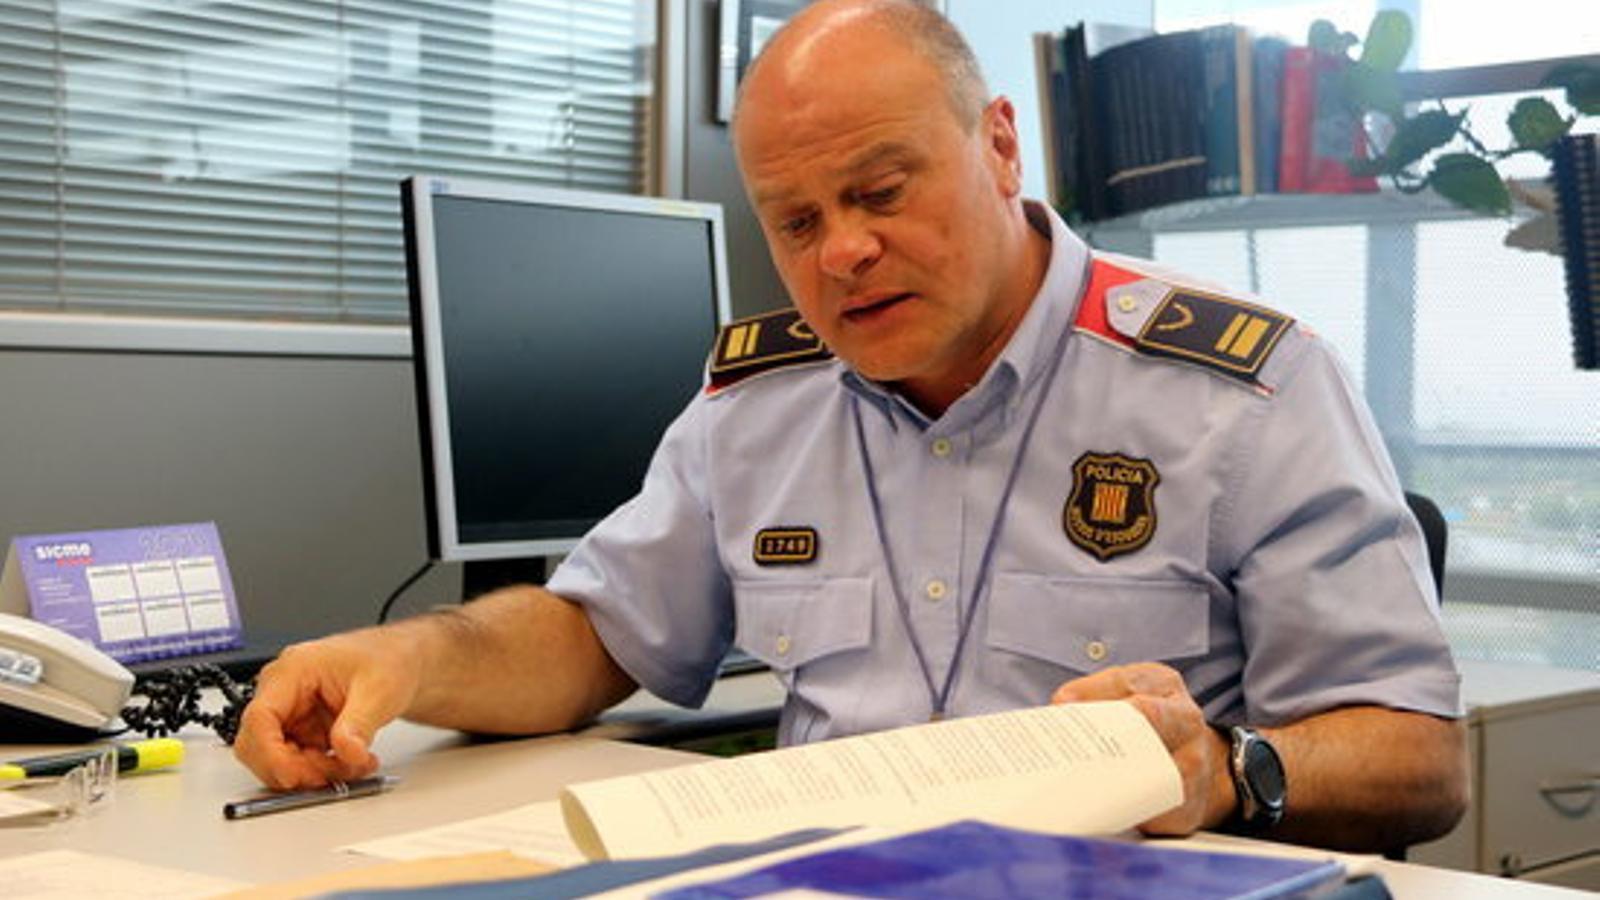 L'intendent Vicenç Gasulla, sotscap de la Comissaria general de mobilitat dels Mossos d'Esquadra. / ACN-MIQUEL CODOLAR